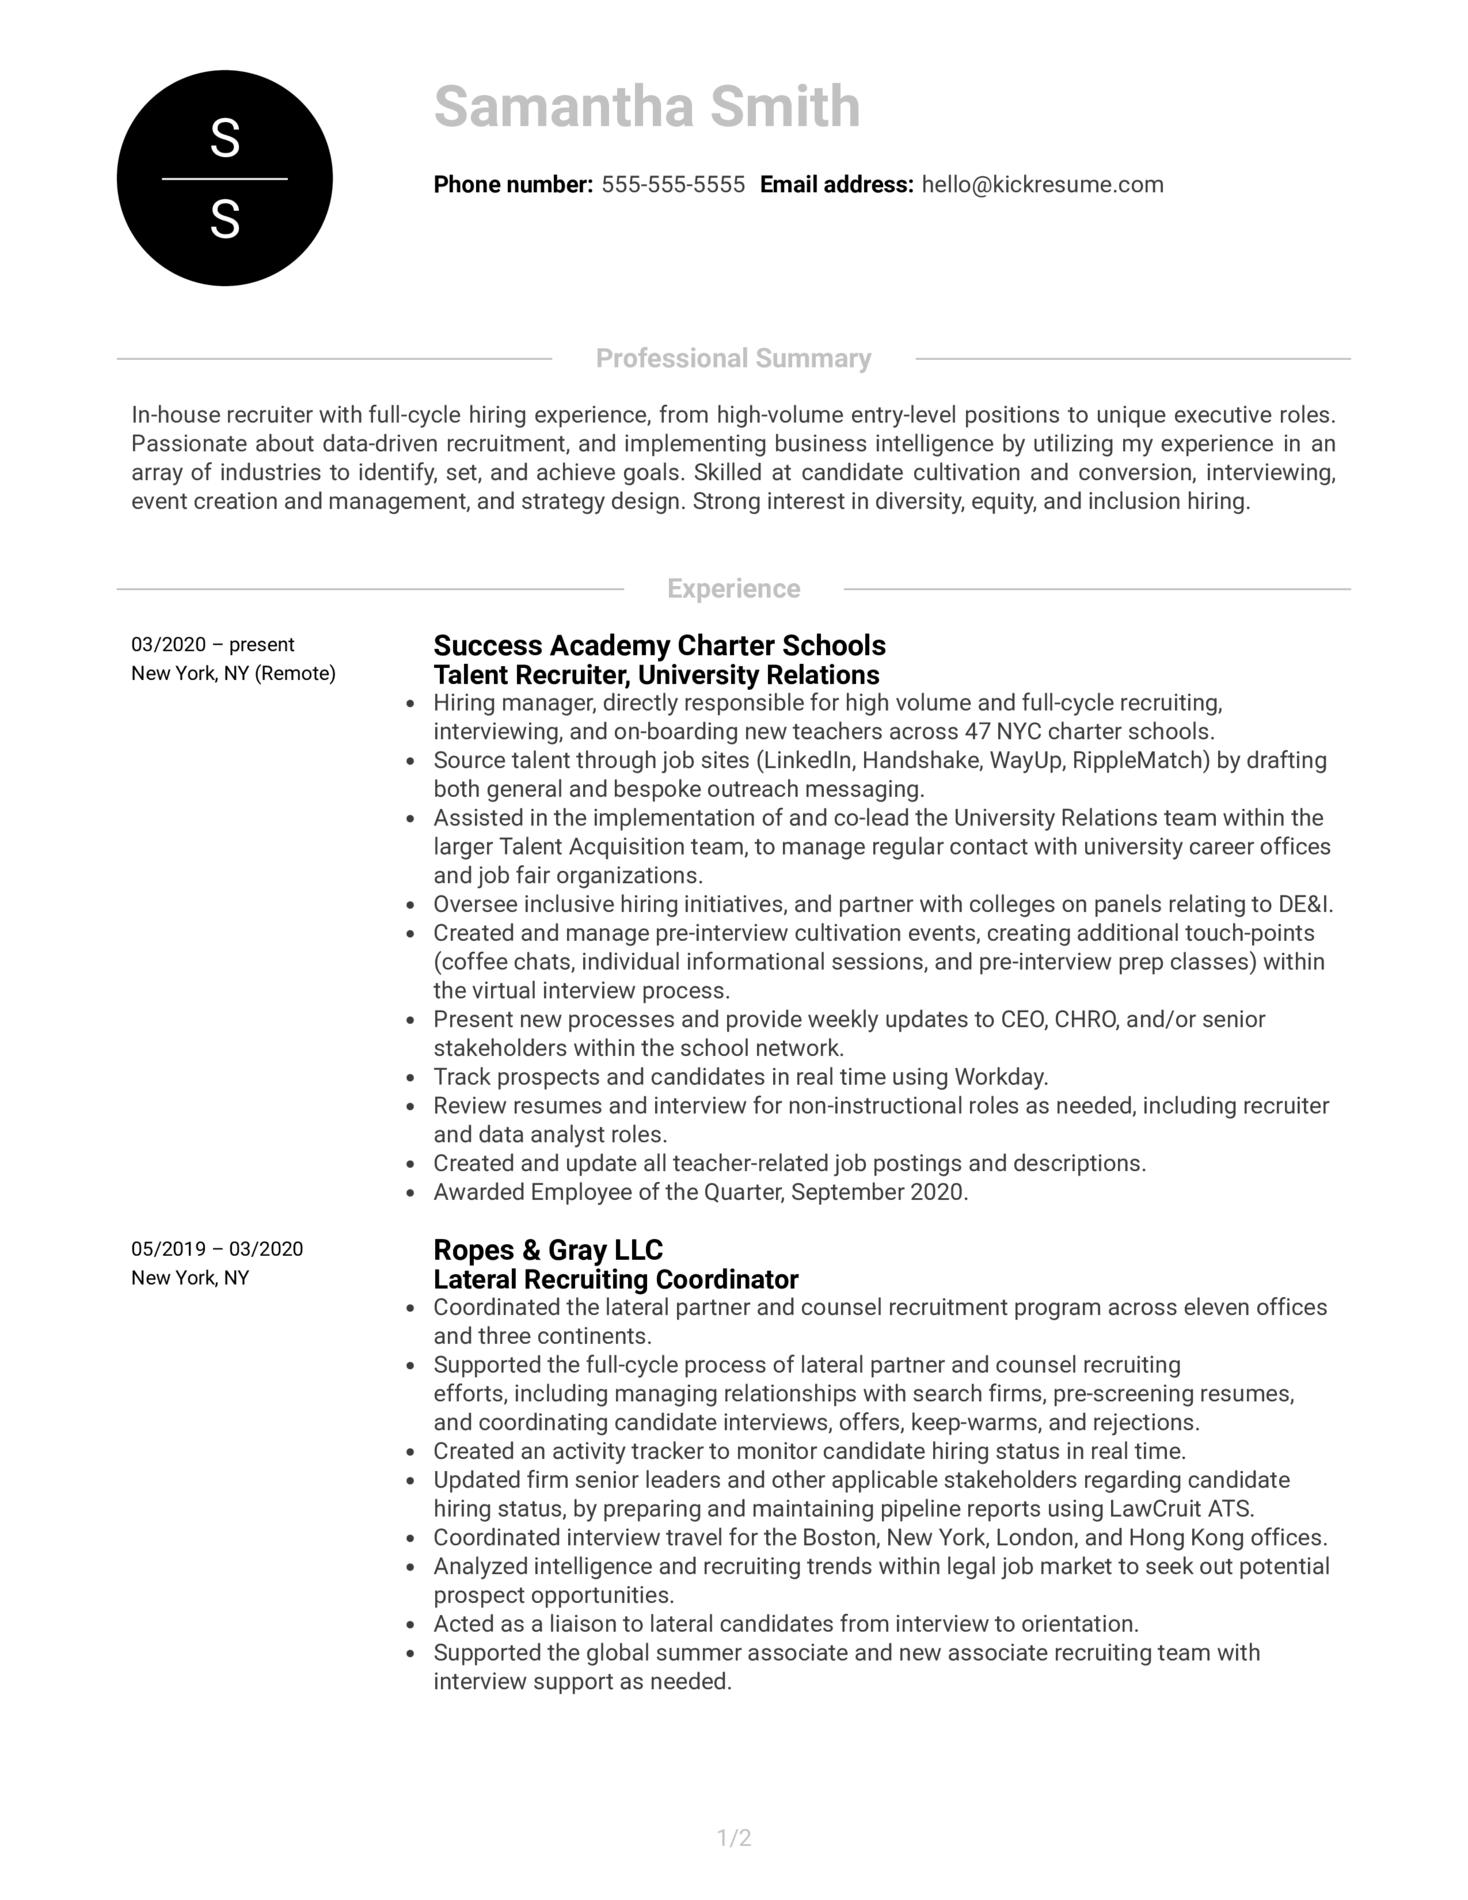 Recruiter at RapidSOS Resume Sample (Parte 1)